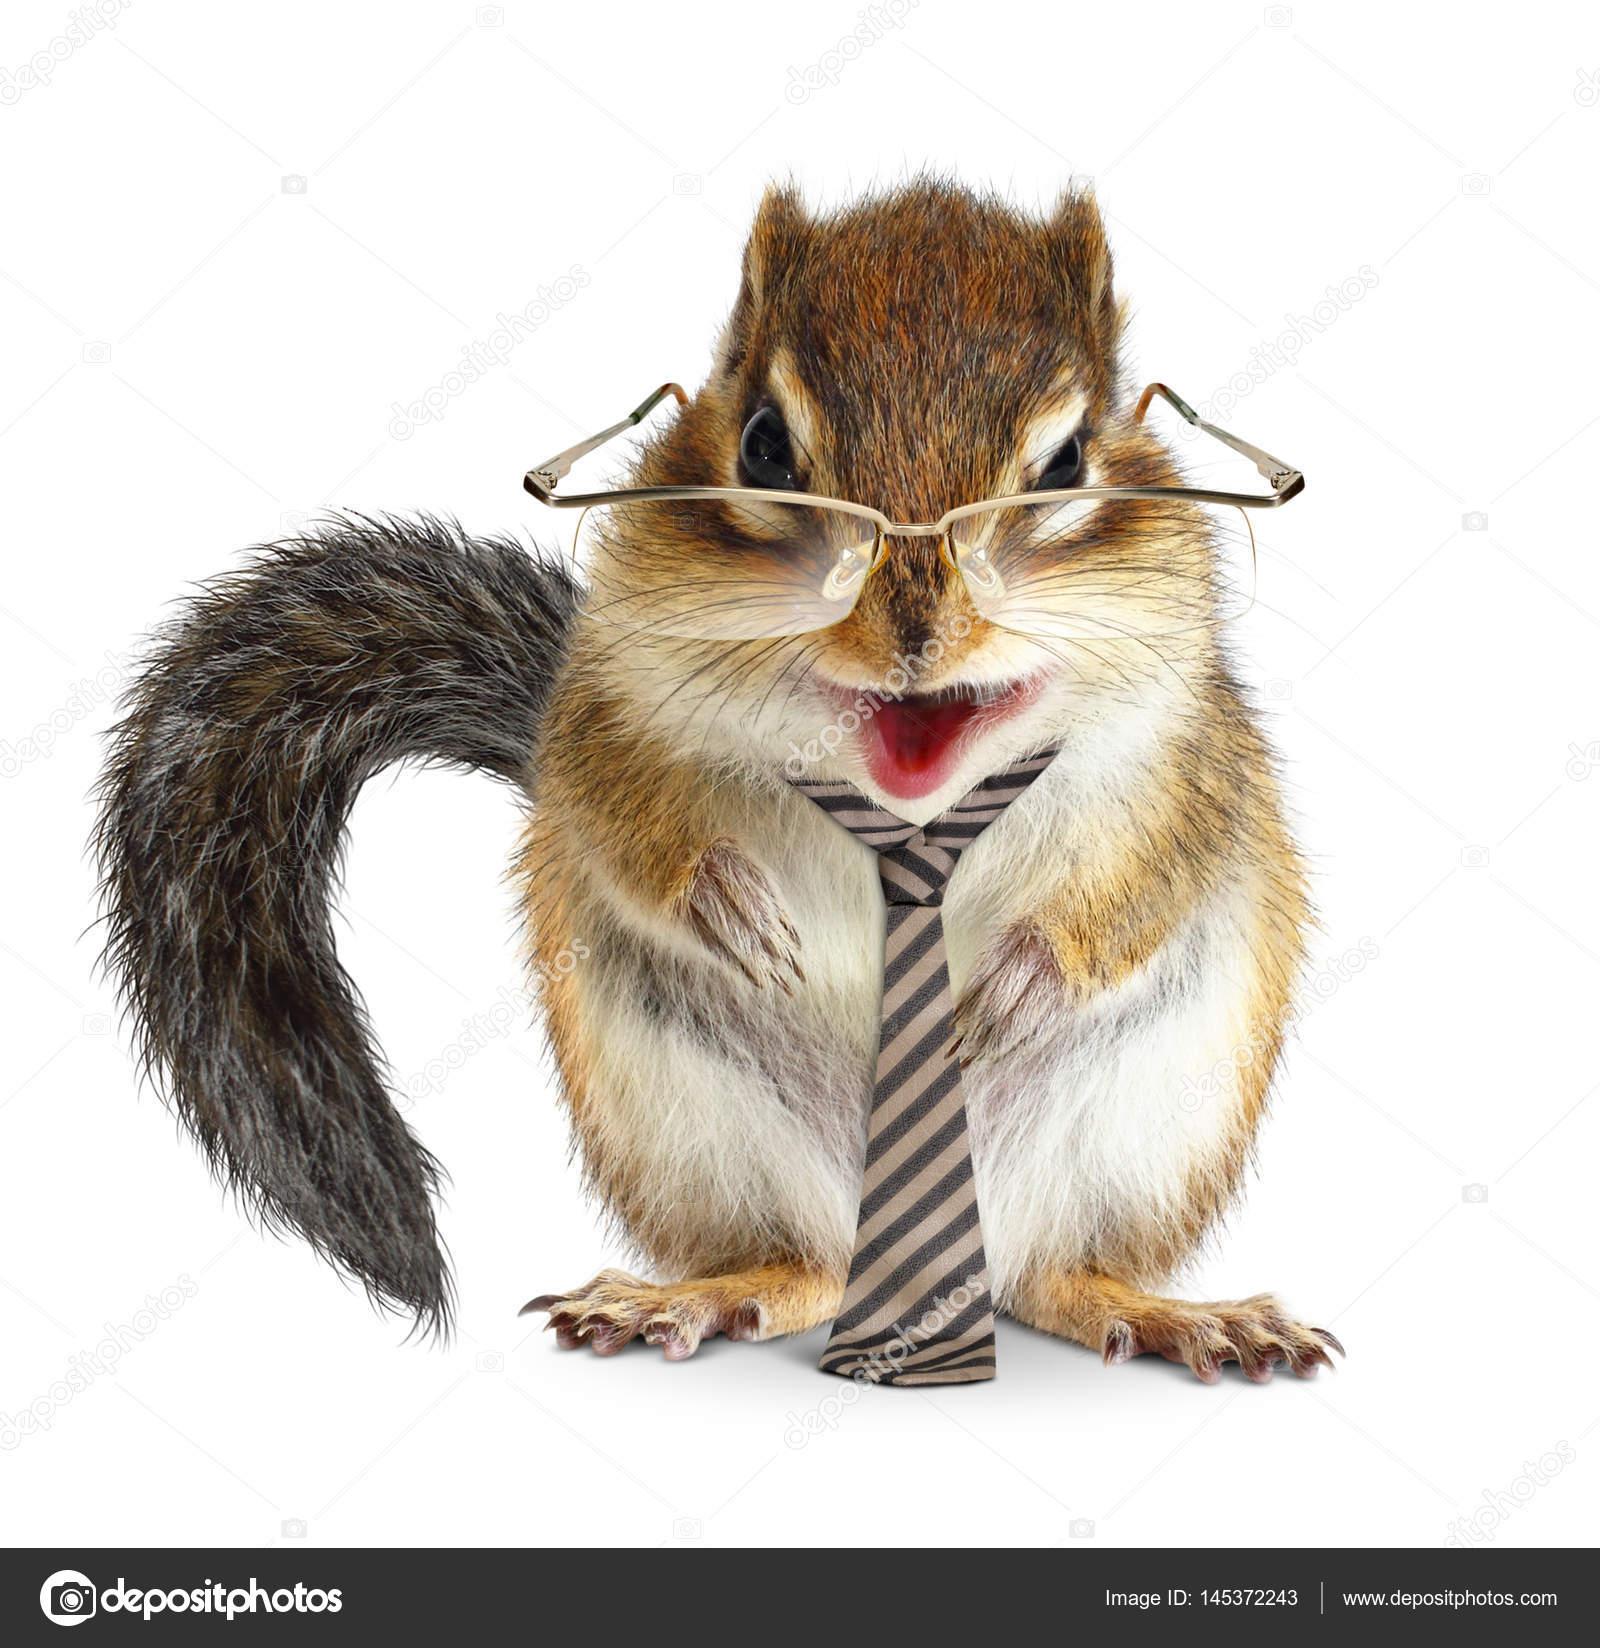 Extreem Grappige dieren zakenman, chipmunk met stropdas en glazen &LM95